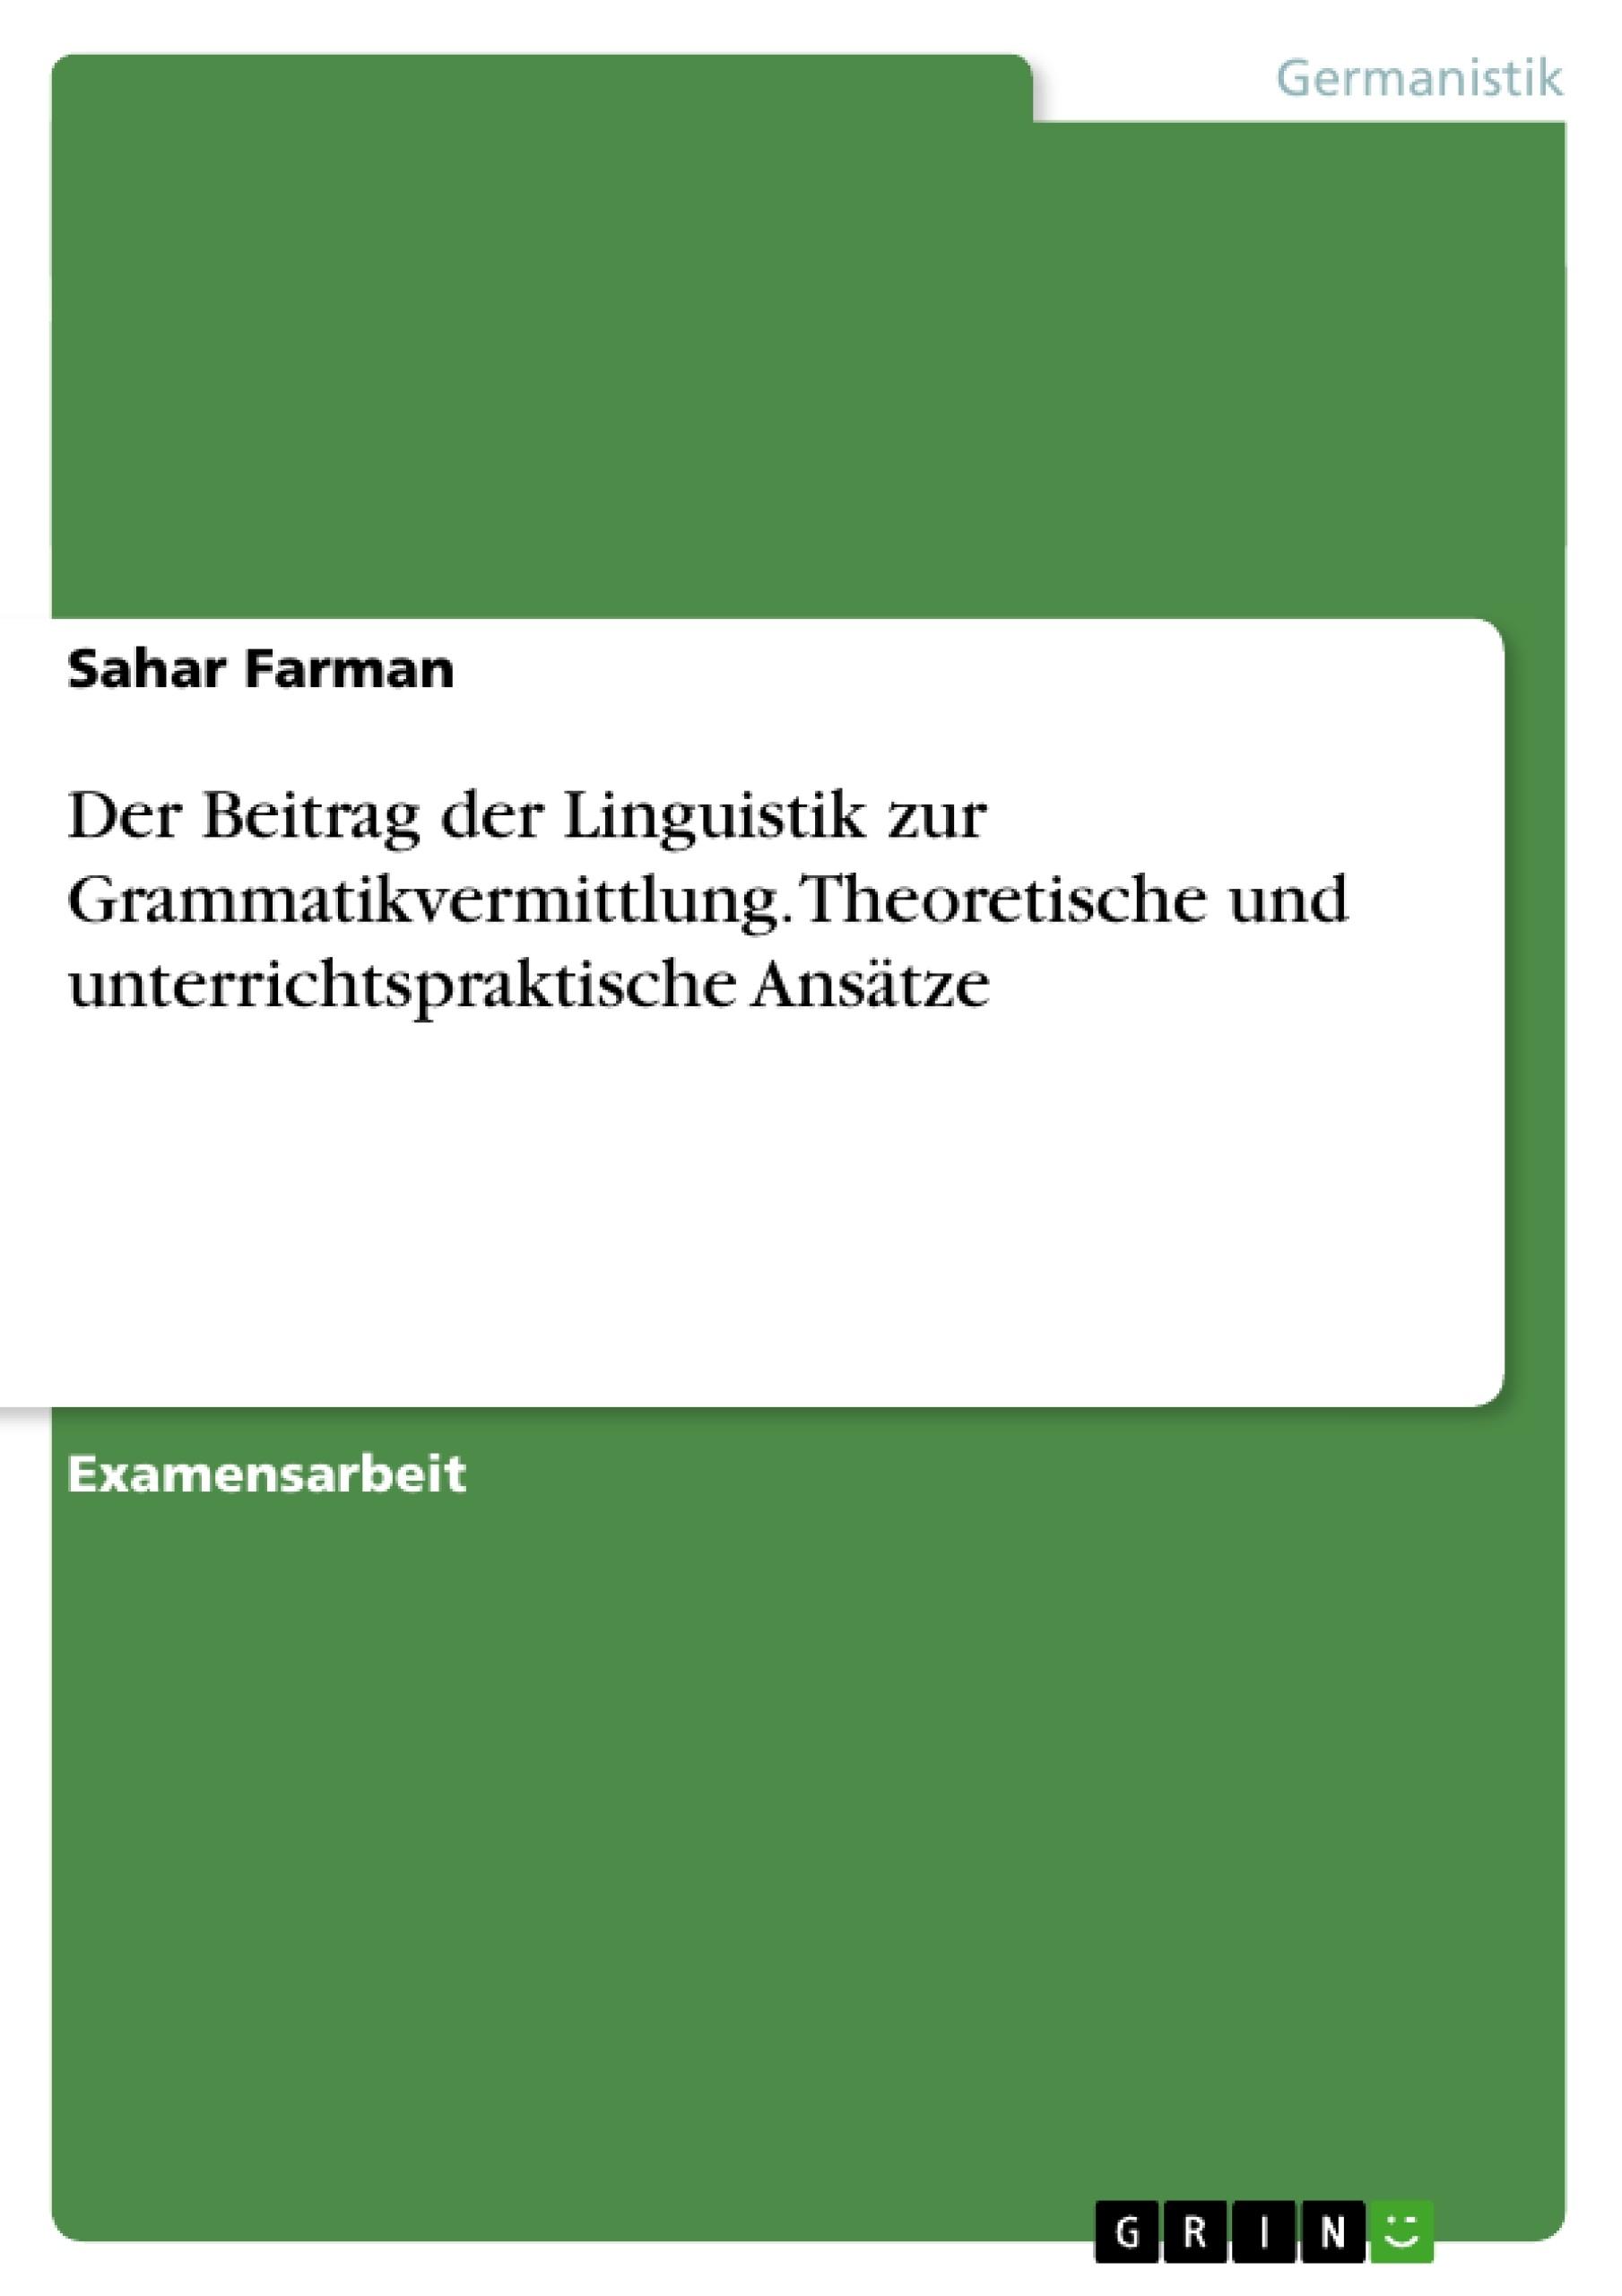 Titel: Der Beitrag der Linguistik zur Grammatikvermittlung. Theoretische und unterrichtspraktische Ansätze